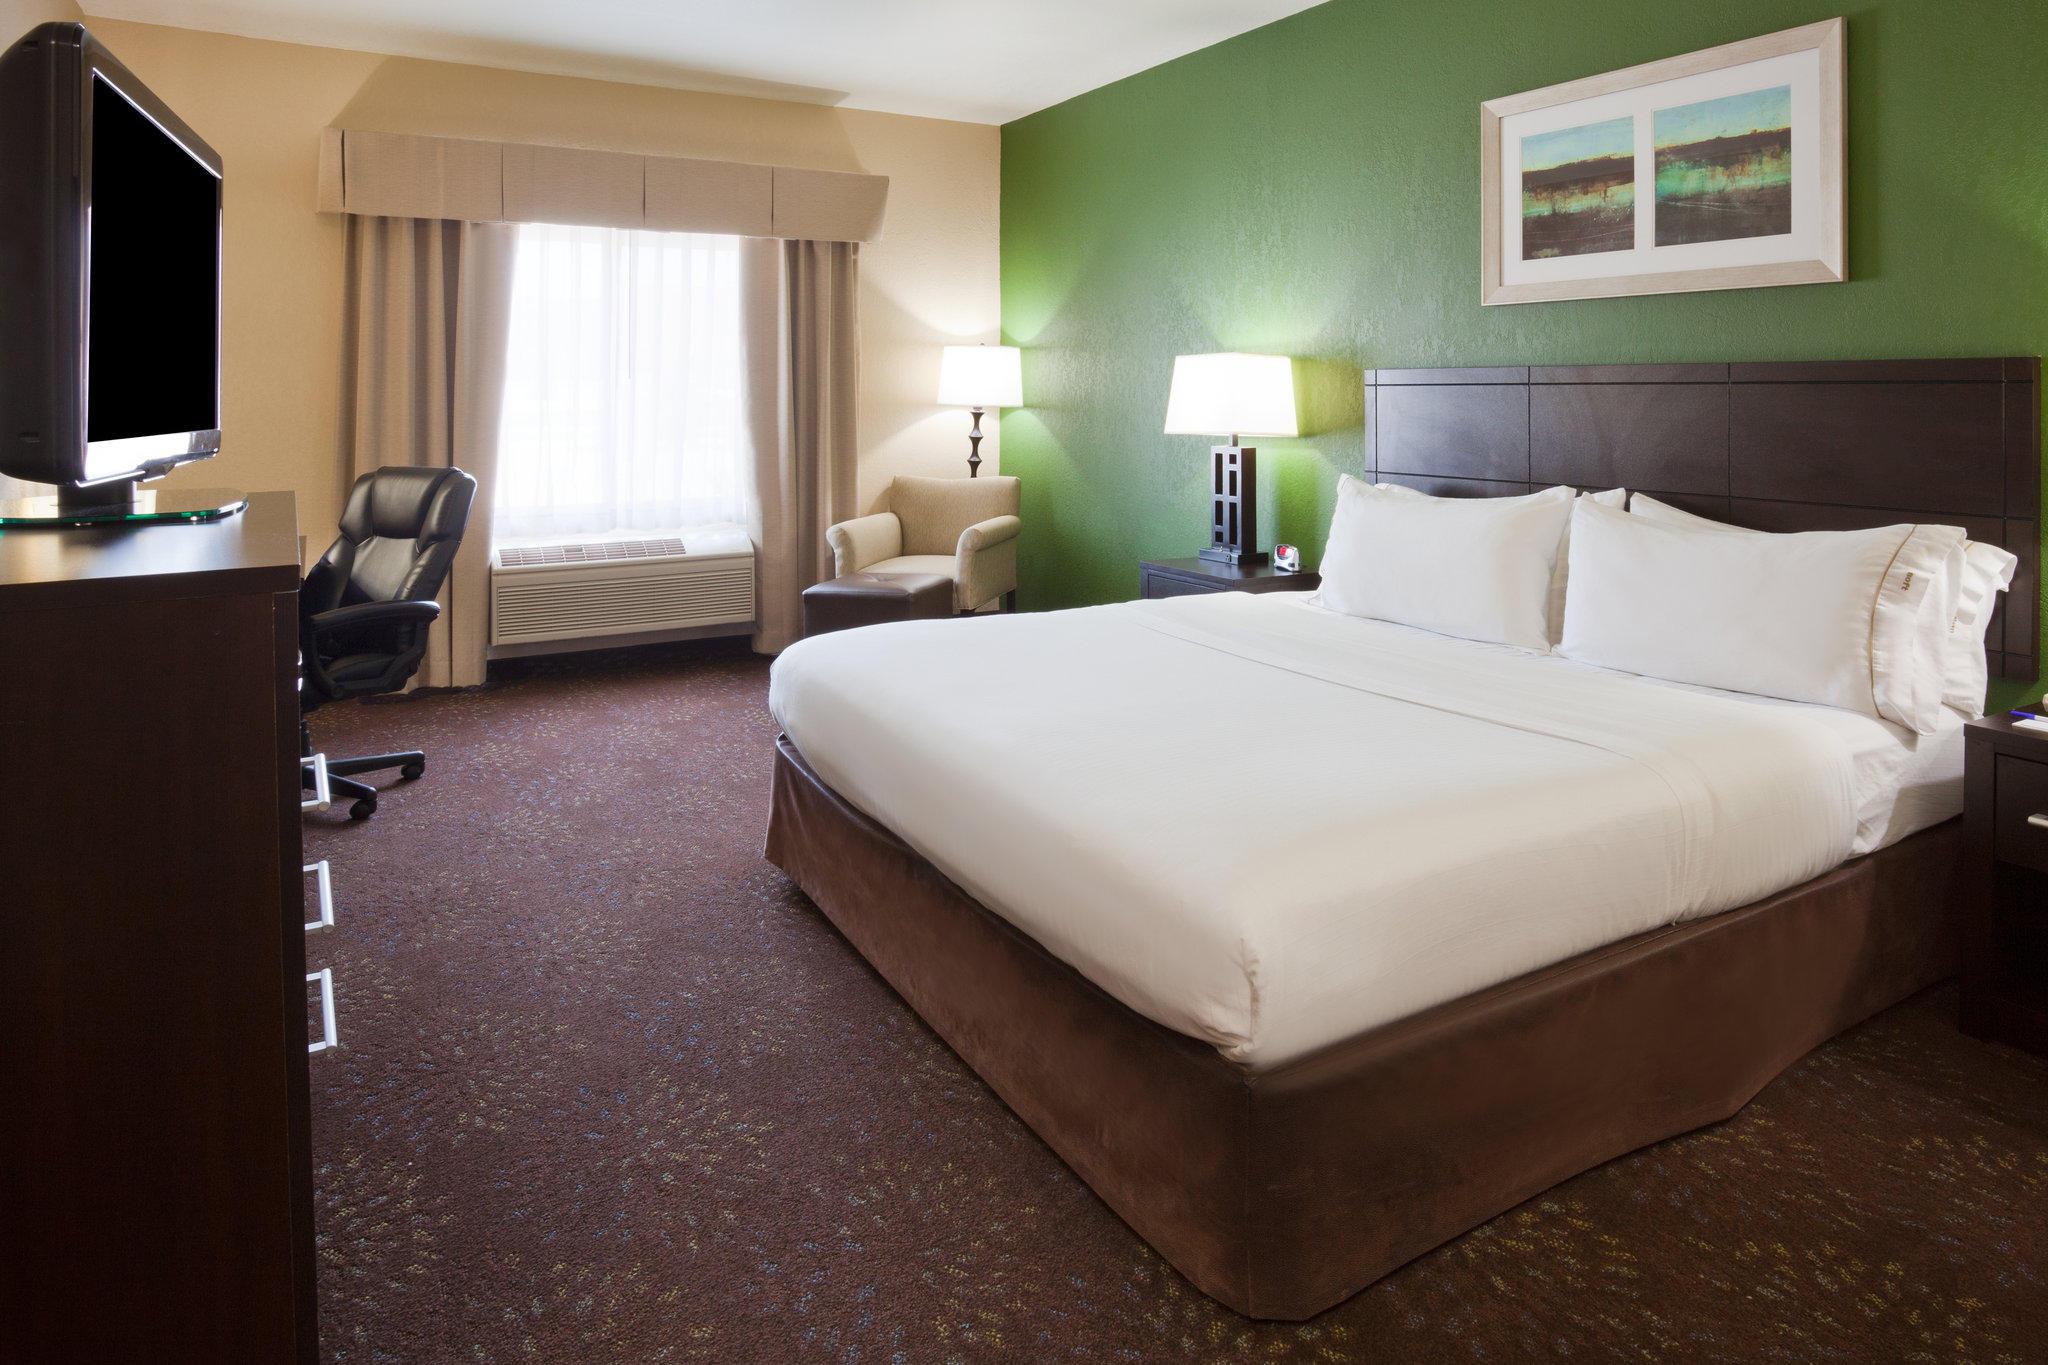 Holiday Inn Express & Suites Aberdeen